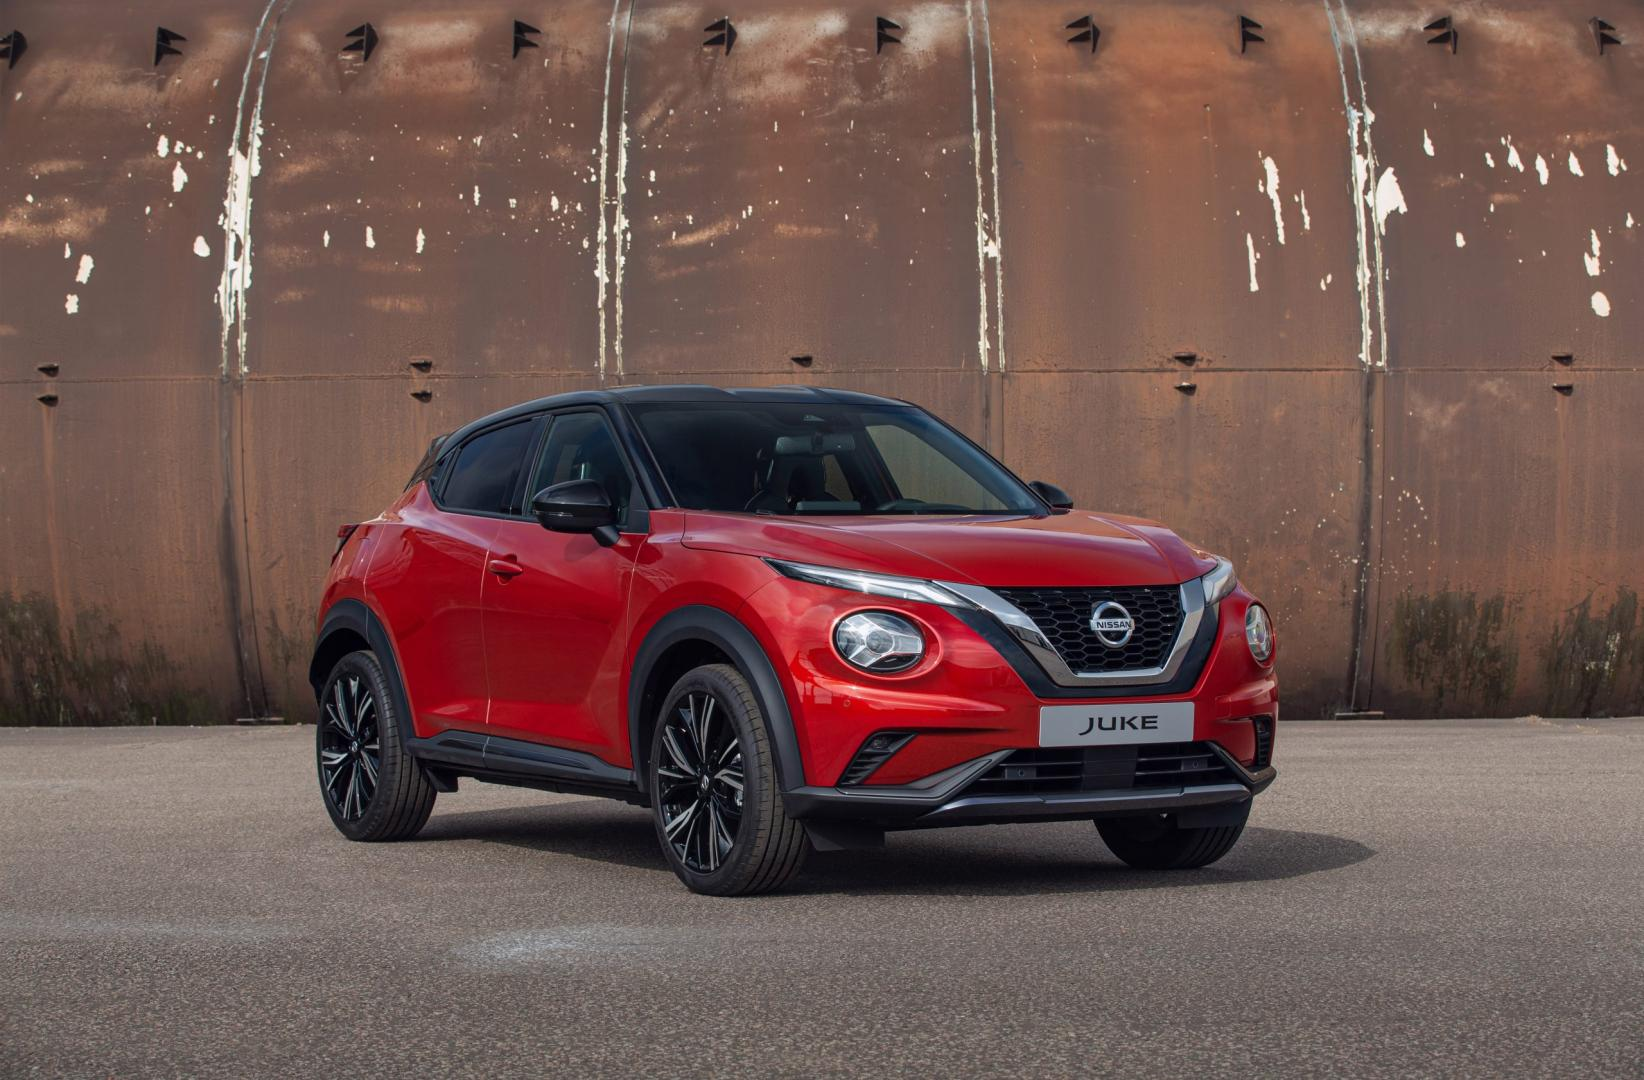 Nissan Juke 2019